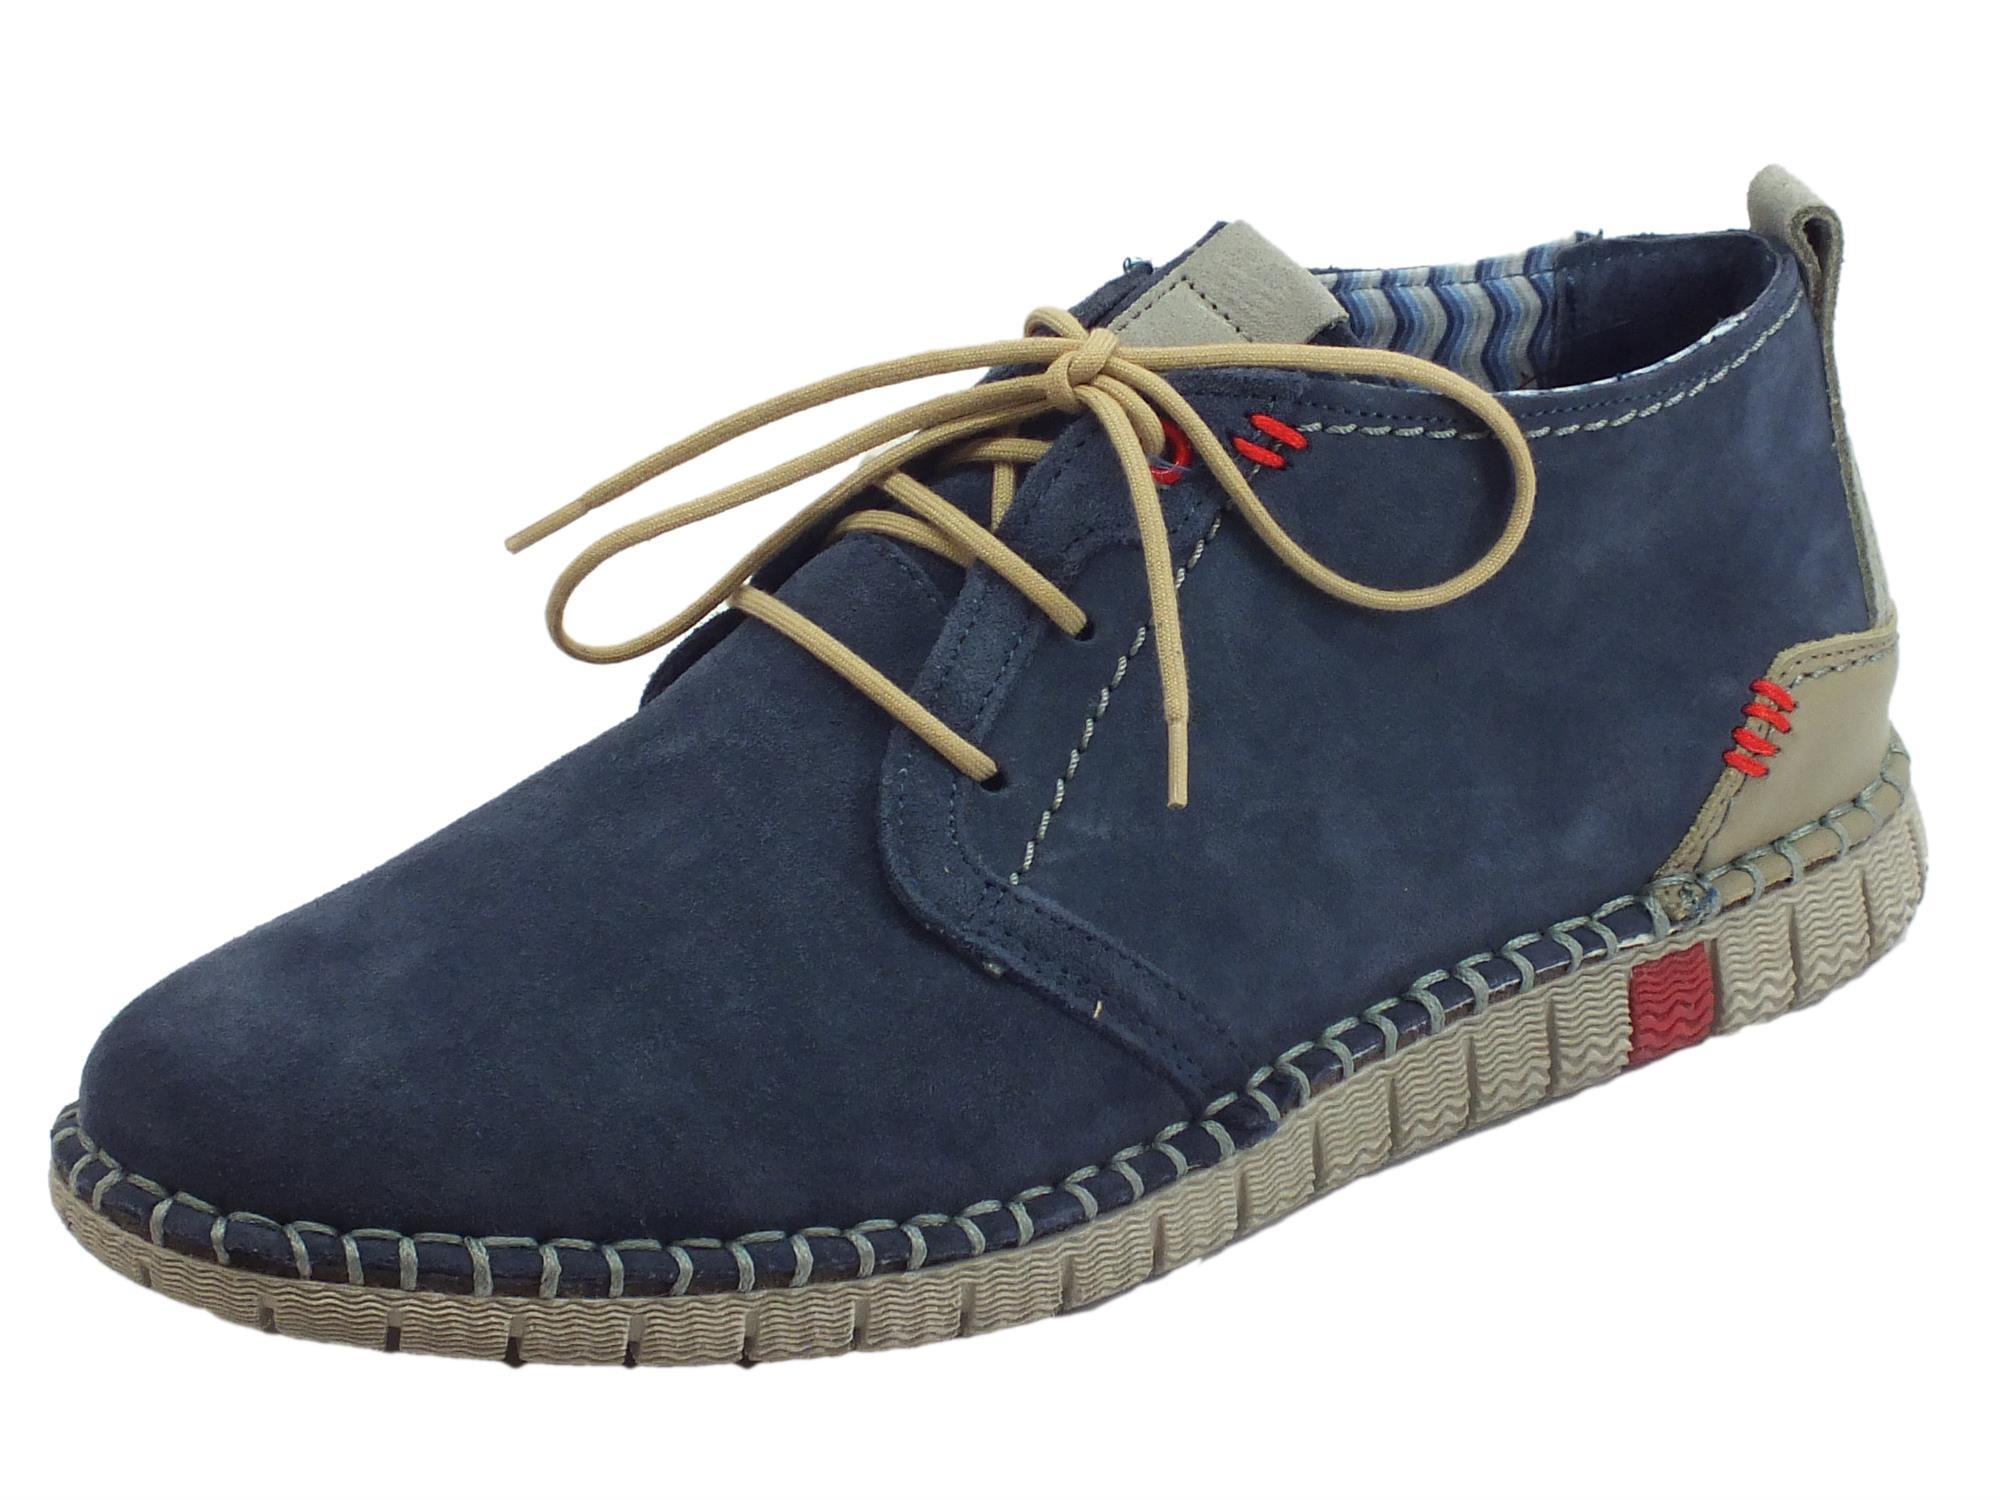 f4825574c41c Zen Vescolor Flag scarpe uomo camoscio blu - Vitiello Calzature